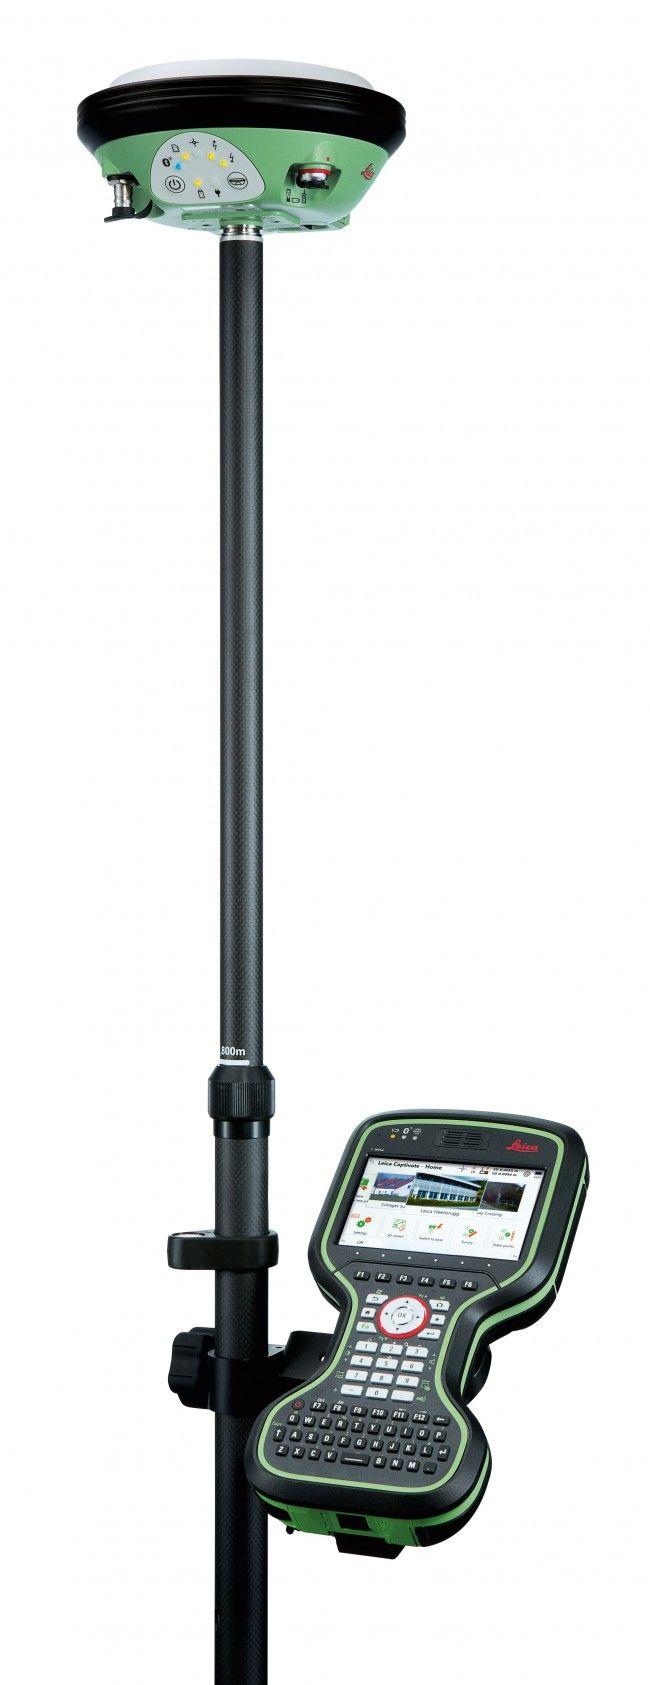 Alquiler y venta de equipos GNSS Leica Geosystems. Antena Leica Viva GS14 para alquiler y Leica. Configuración GPRS y Fijo Móvil.